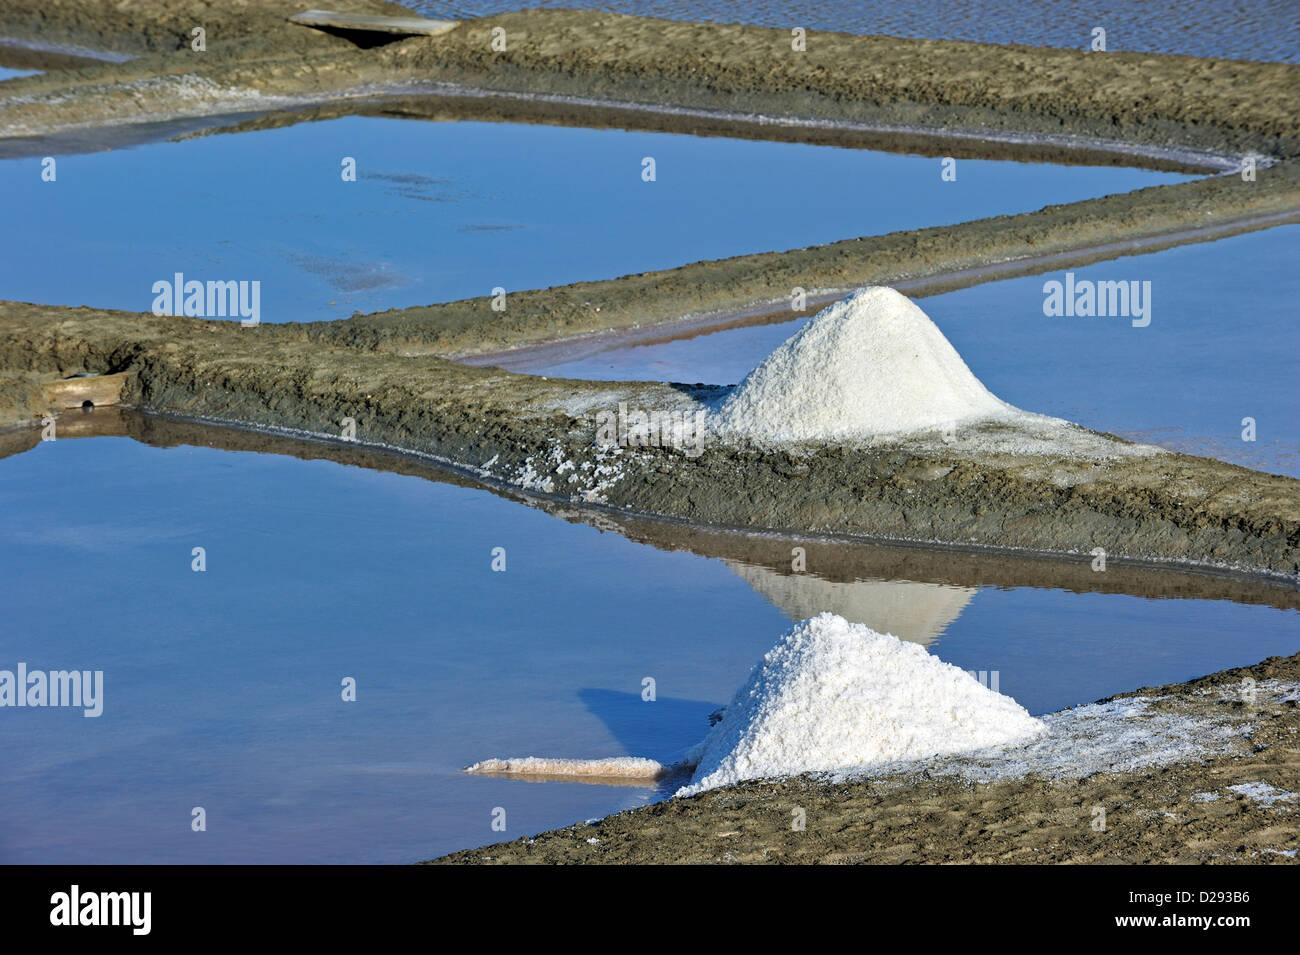 Salt pan for the poduction of Fleur de sel / sea salt on the island Ile de Ré, Charente-Maritime, France - Stock Image